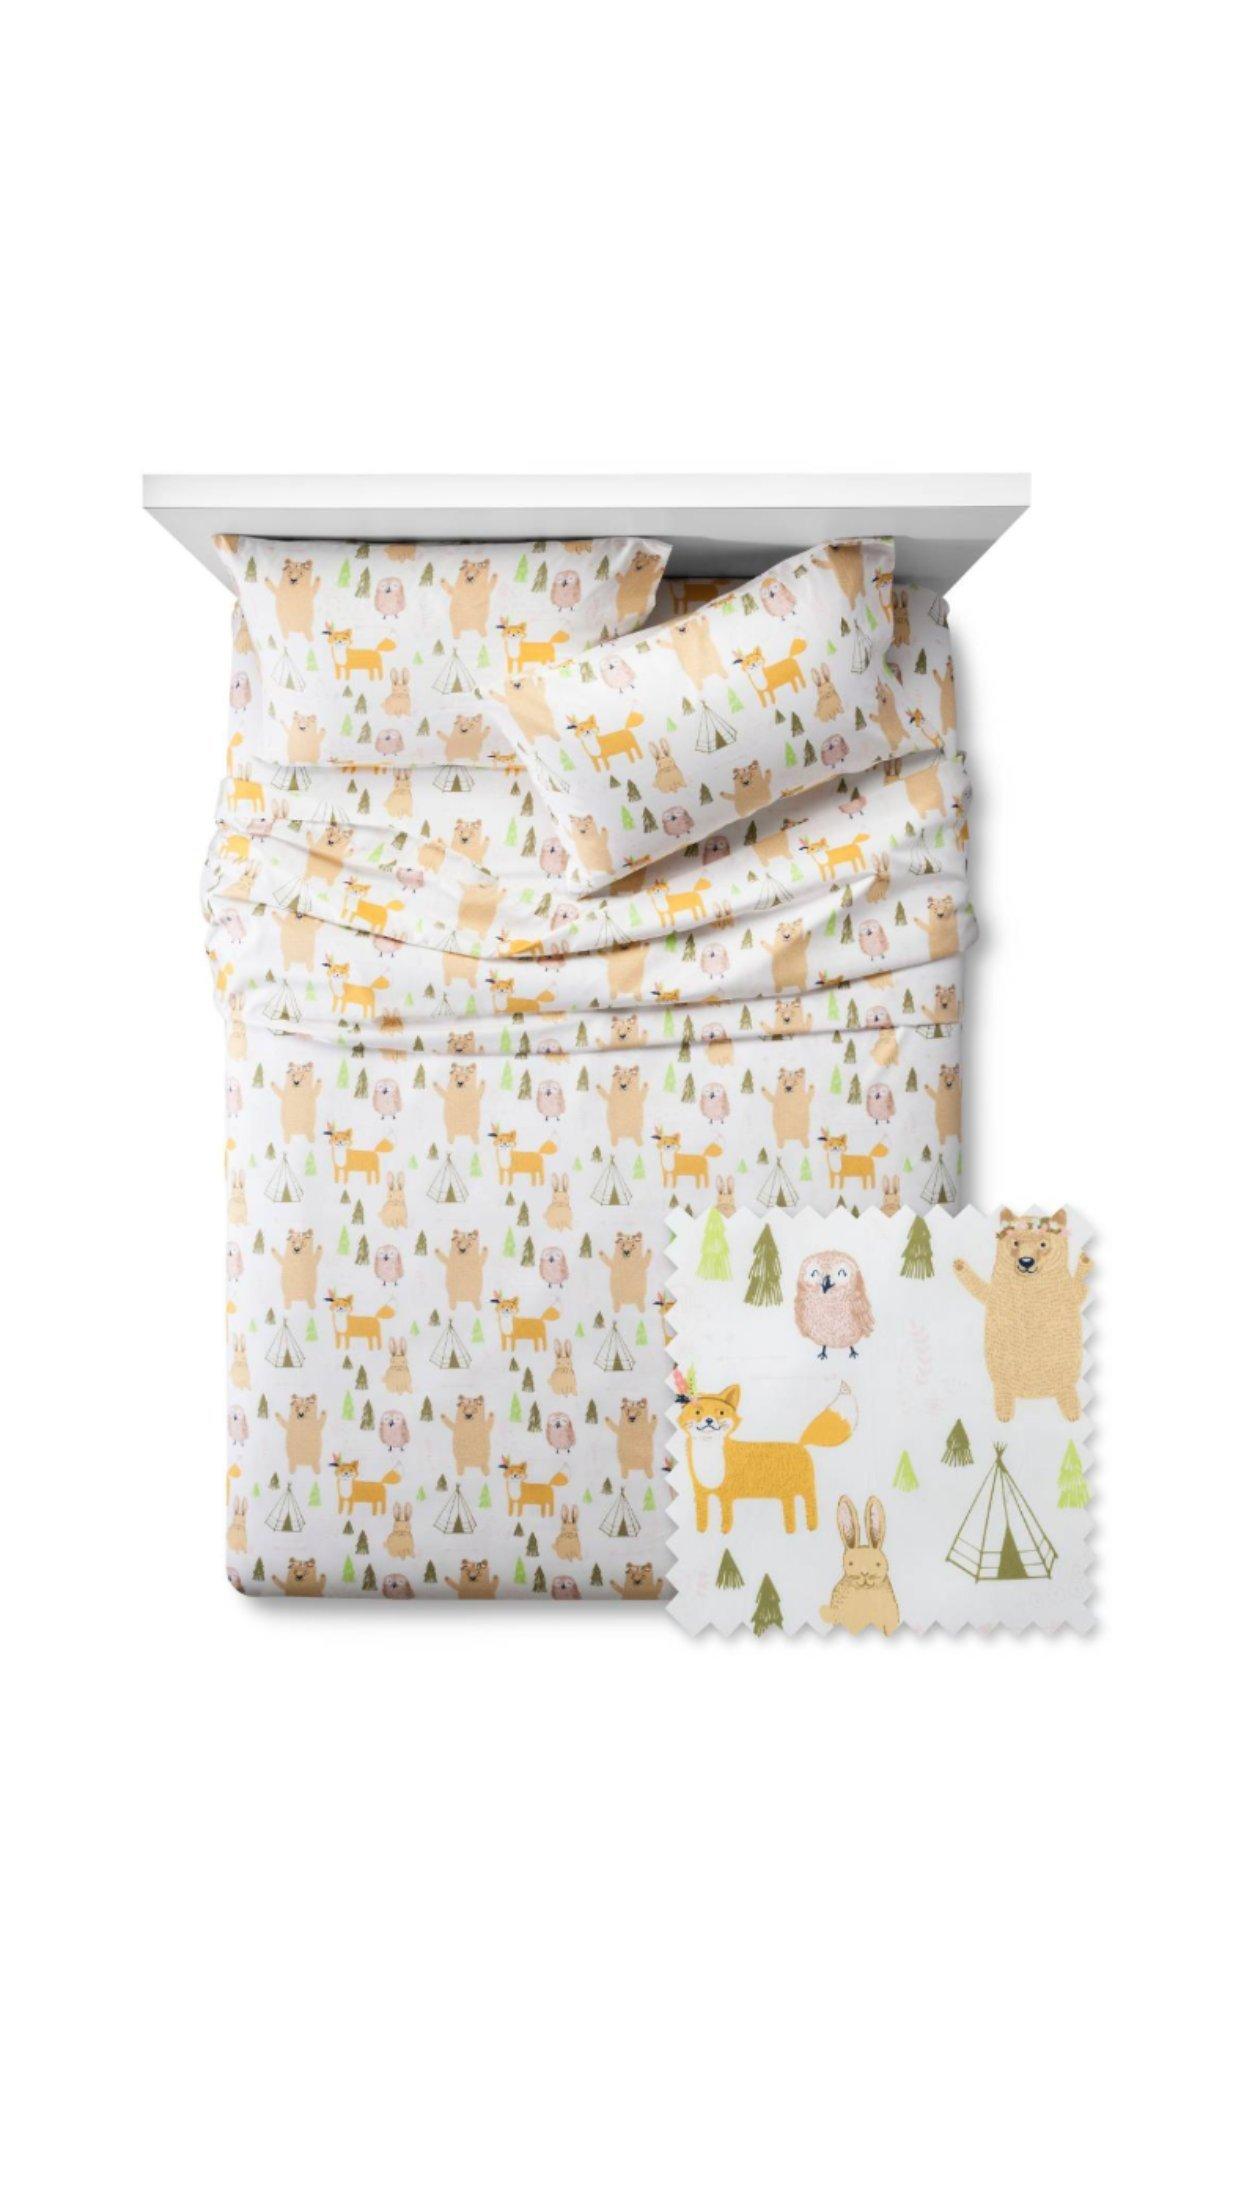 New Woodland Whimsy Sheet Set - PillowfortTM FULL